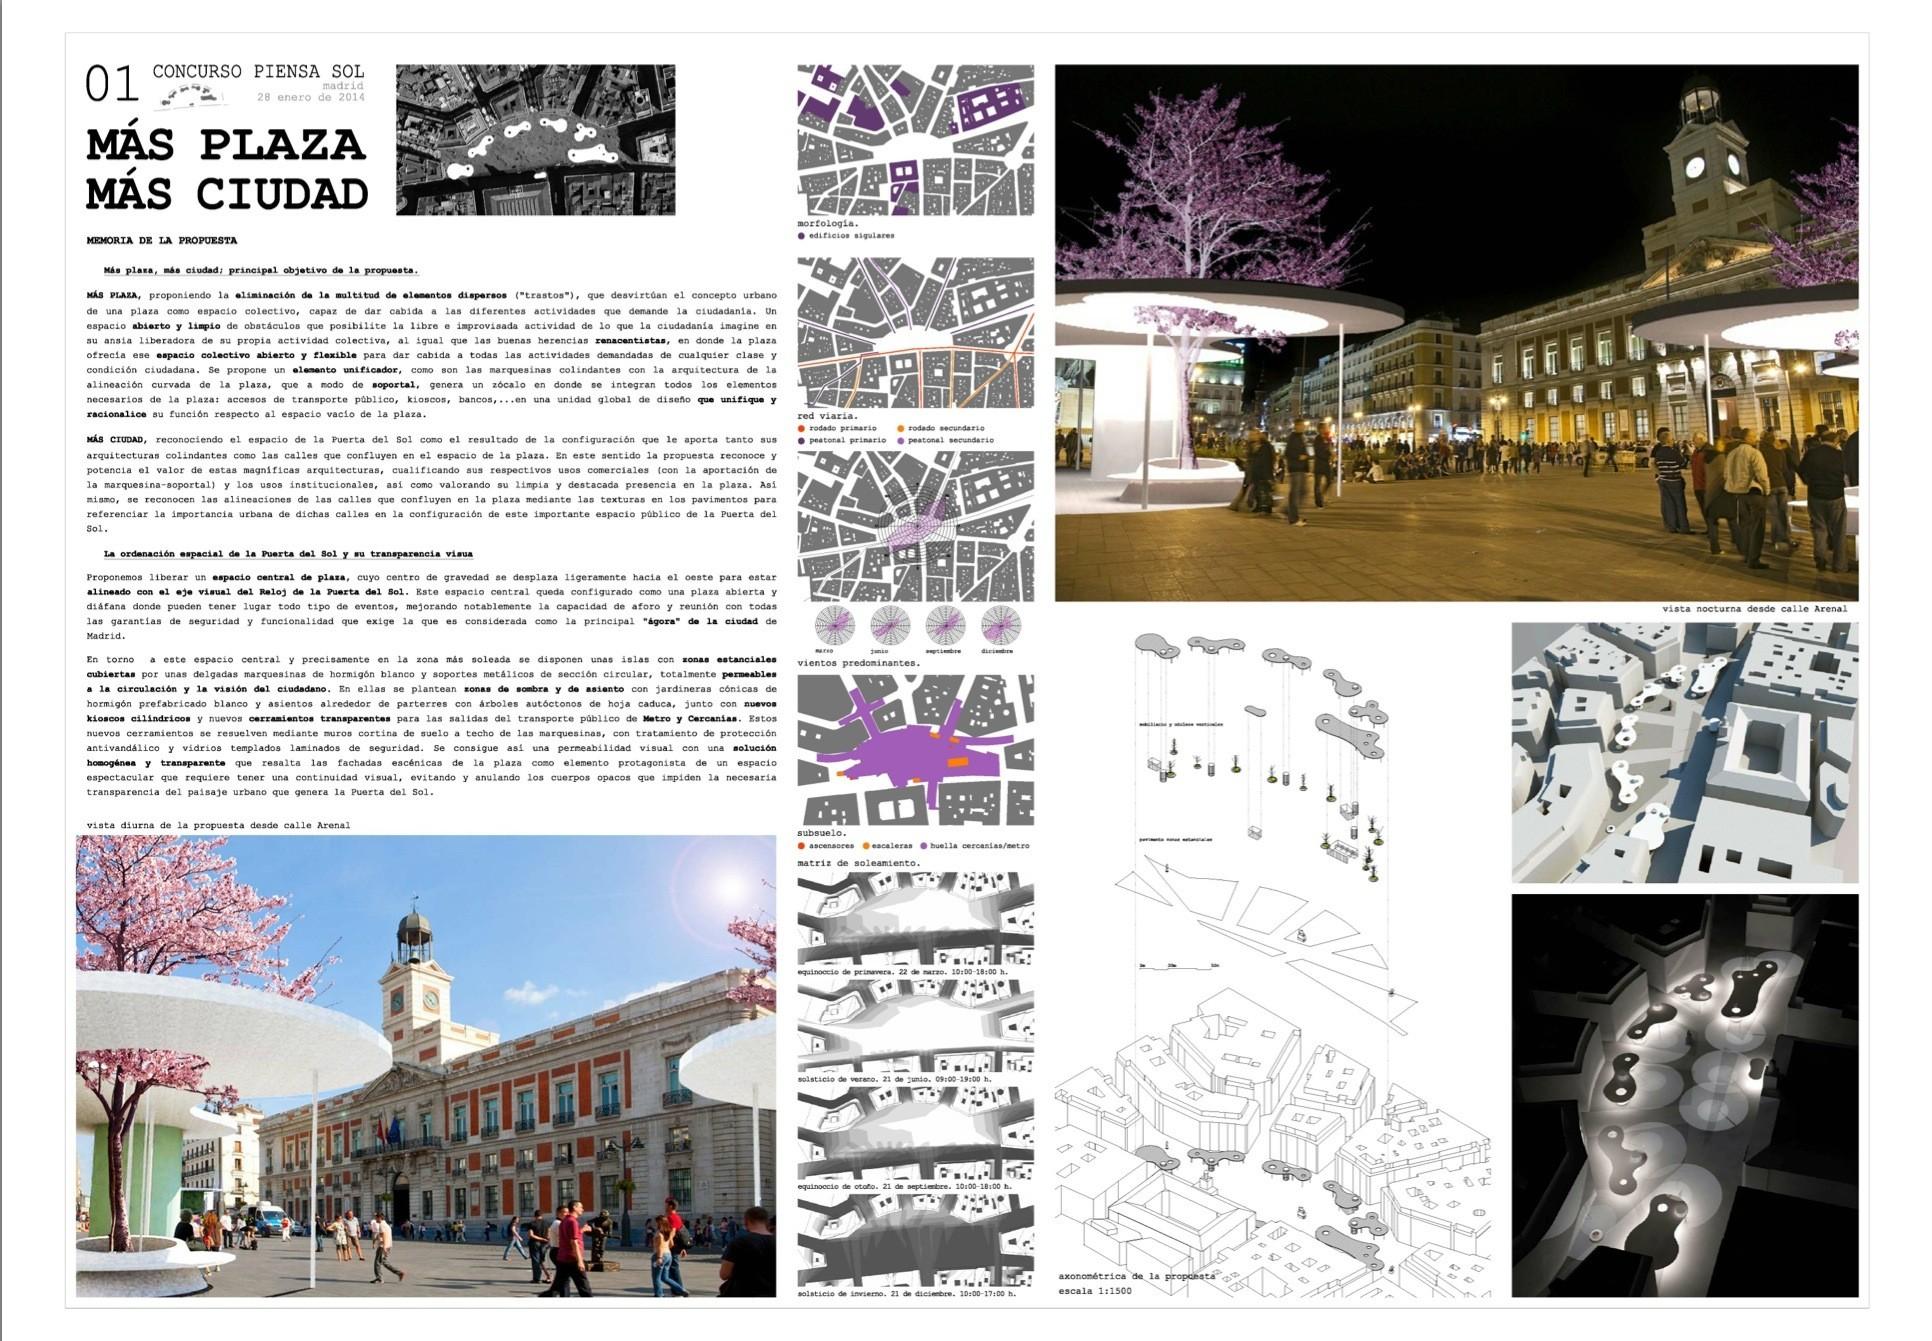 «Más Plaza Más ciudad», José Seguí, Ramon Engel U Alberto Rodriguez Bourgon . Image Courtesy of COAM